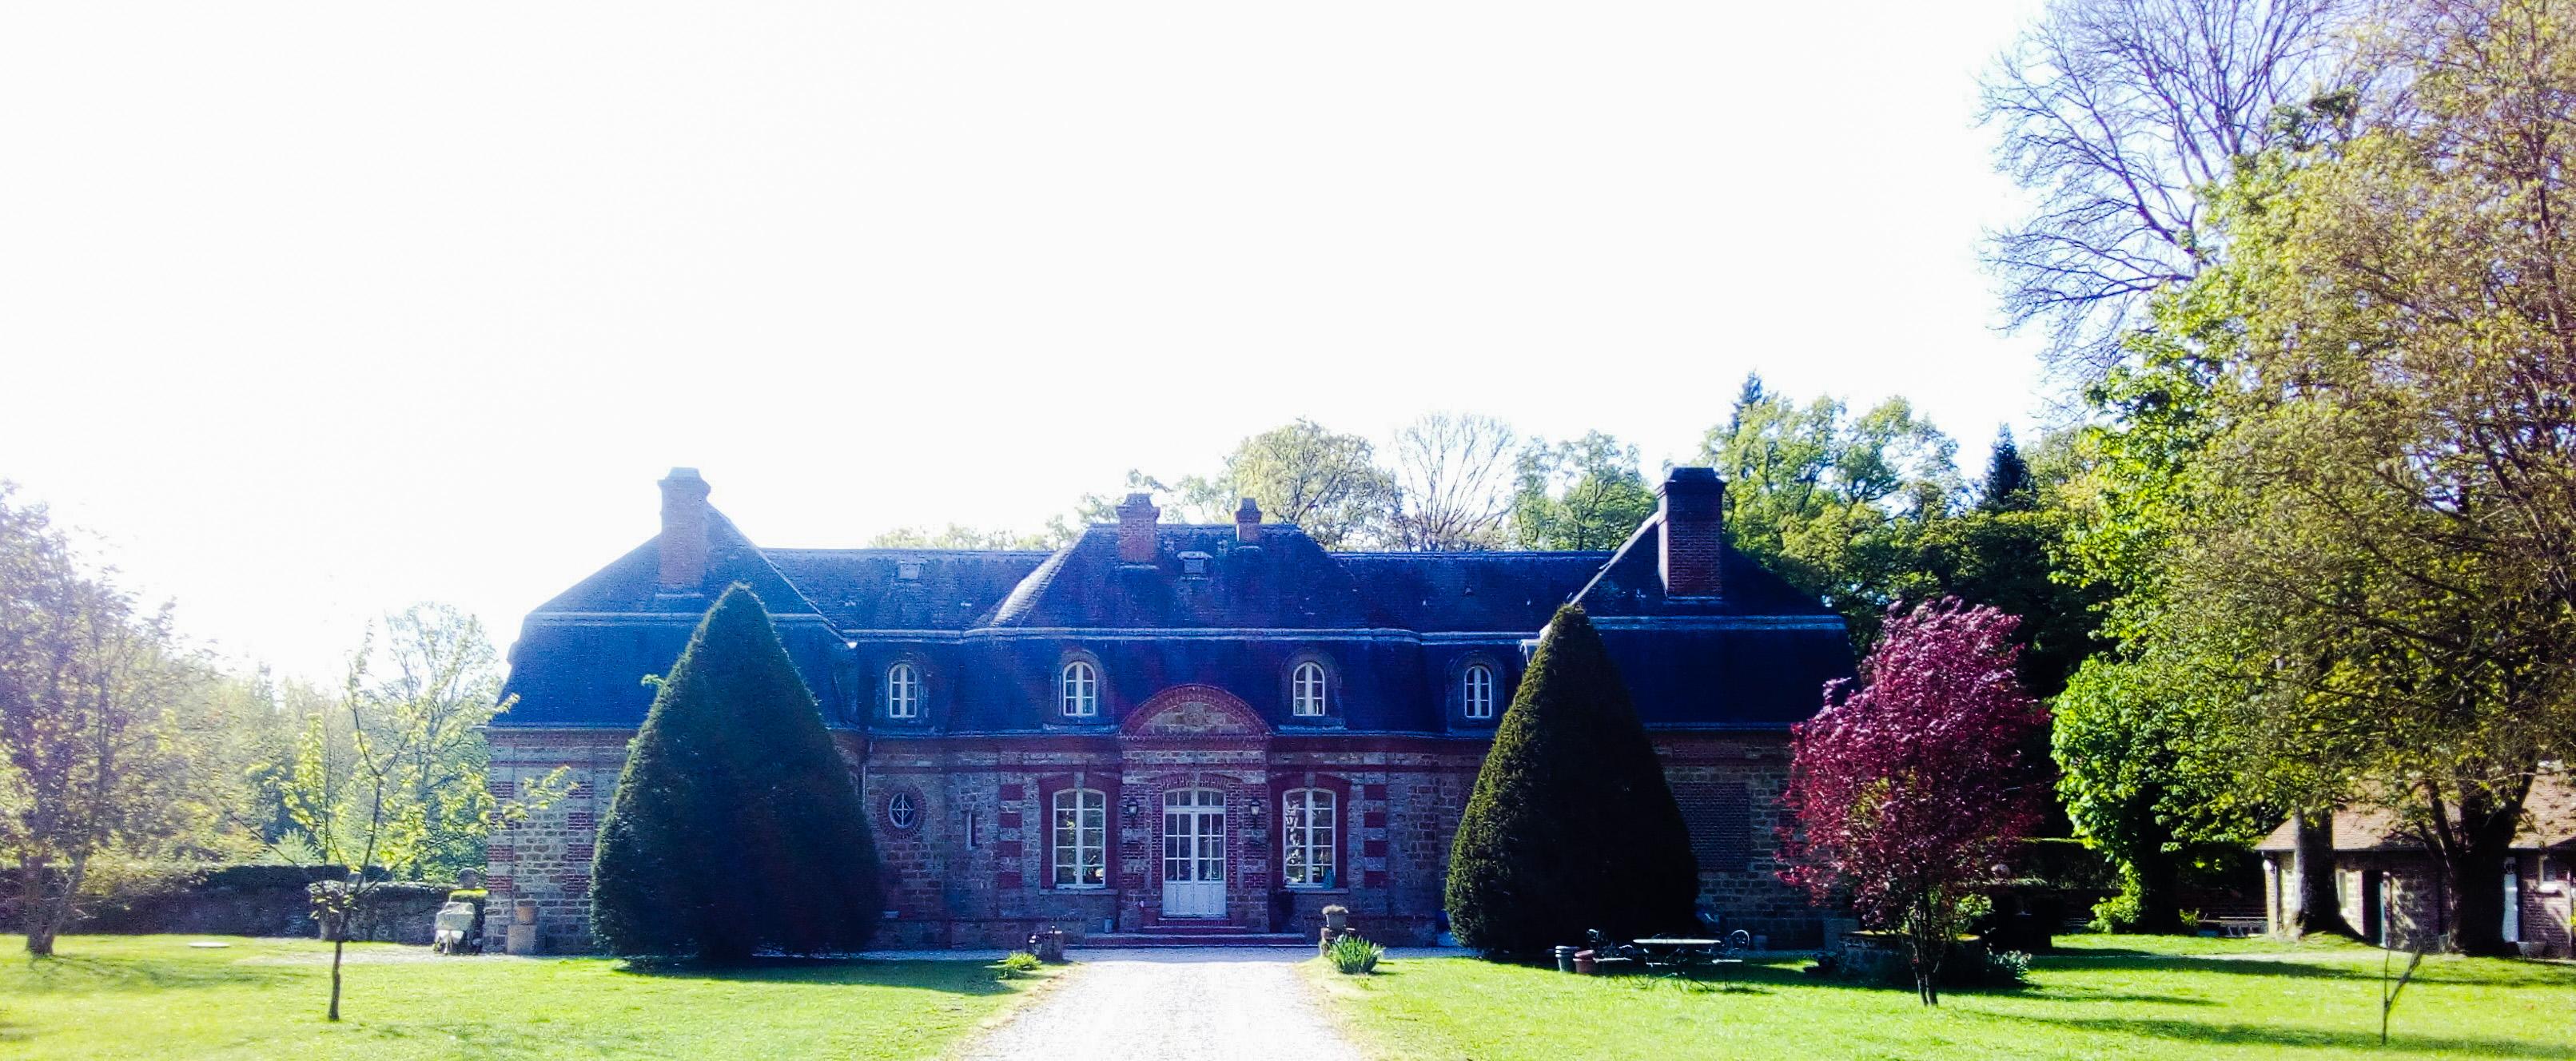 Image du château de la Bourbelle